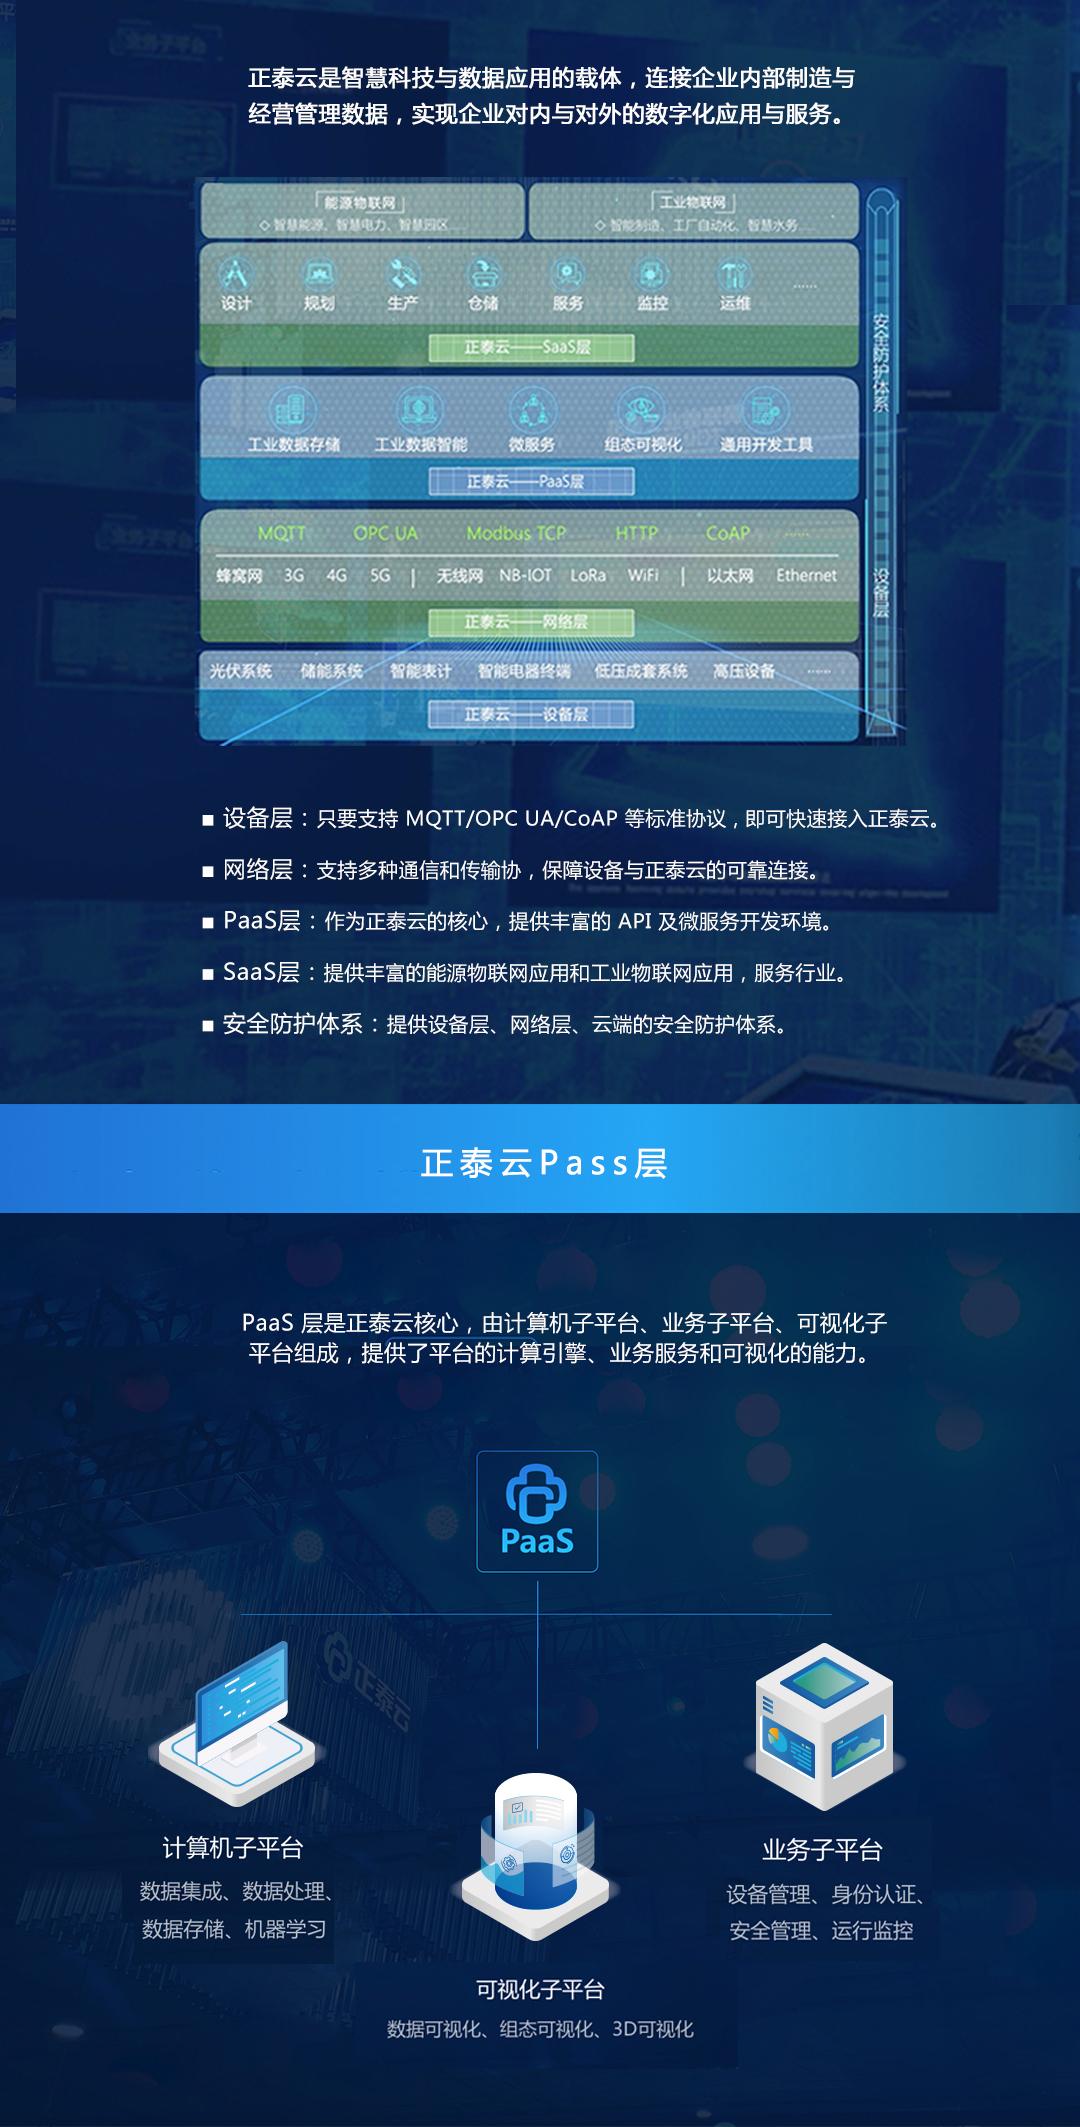 正泰云app -详情-长版2-2.jpg